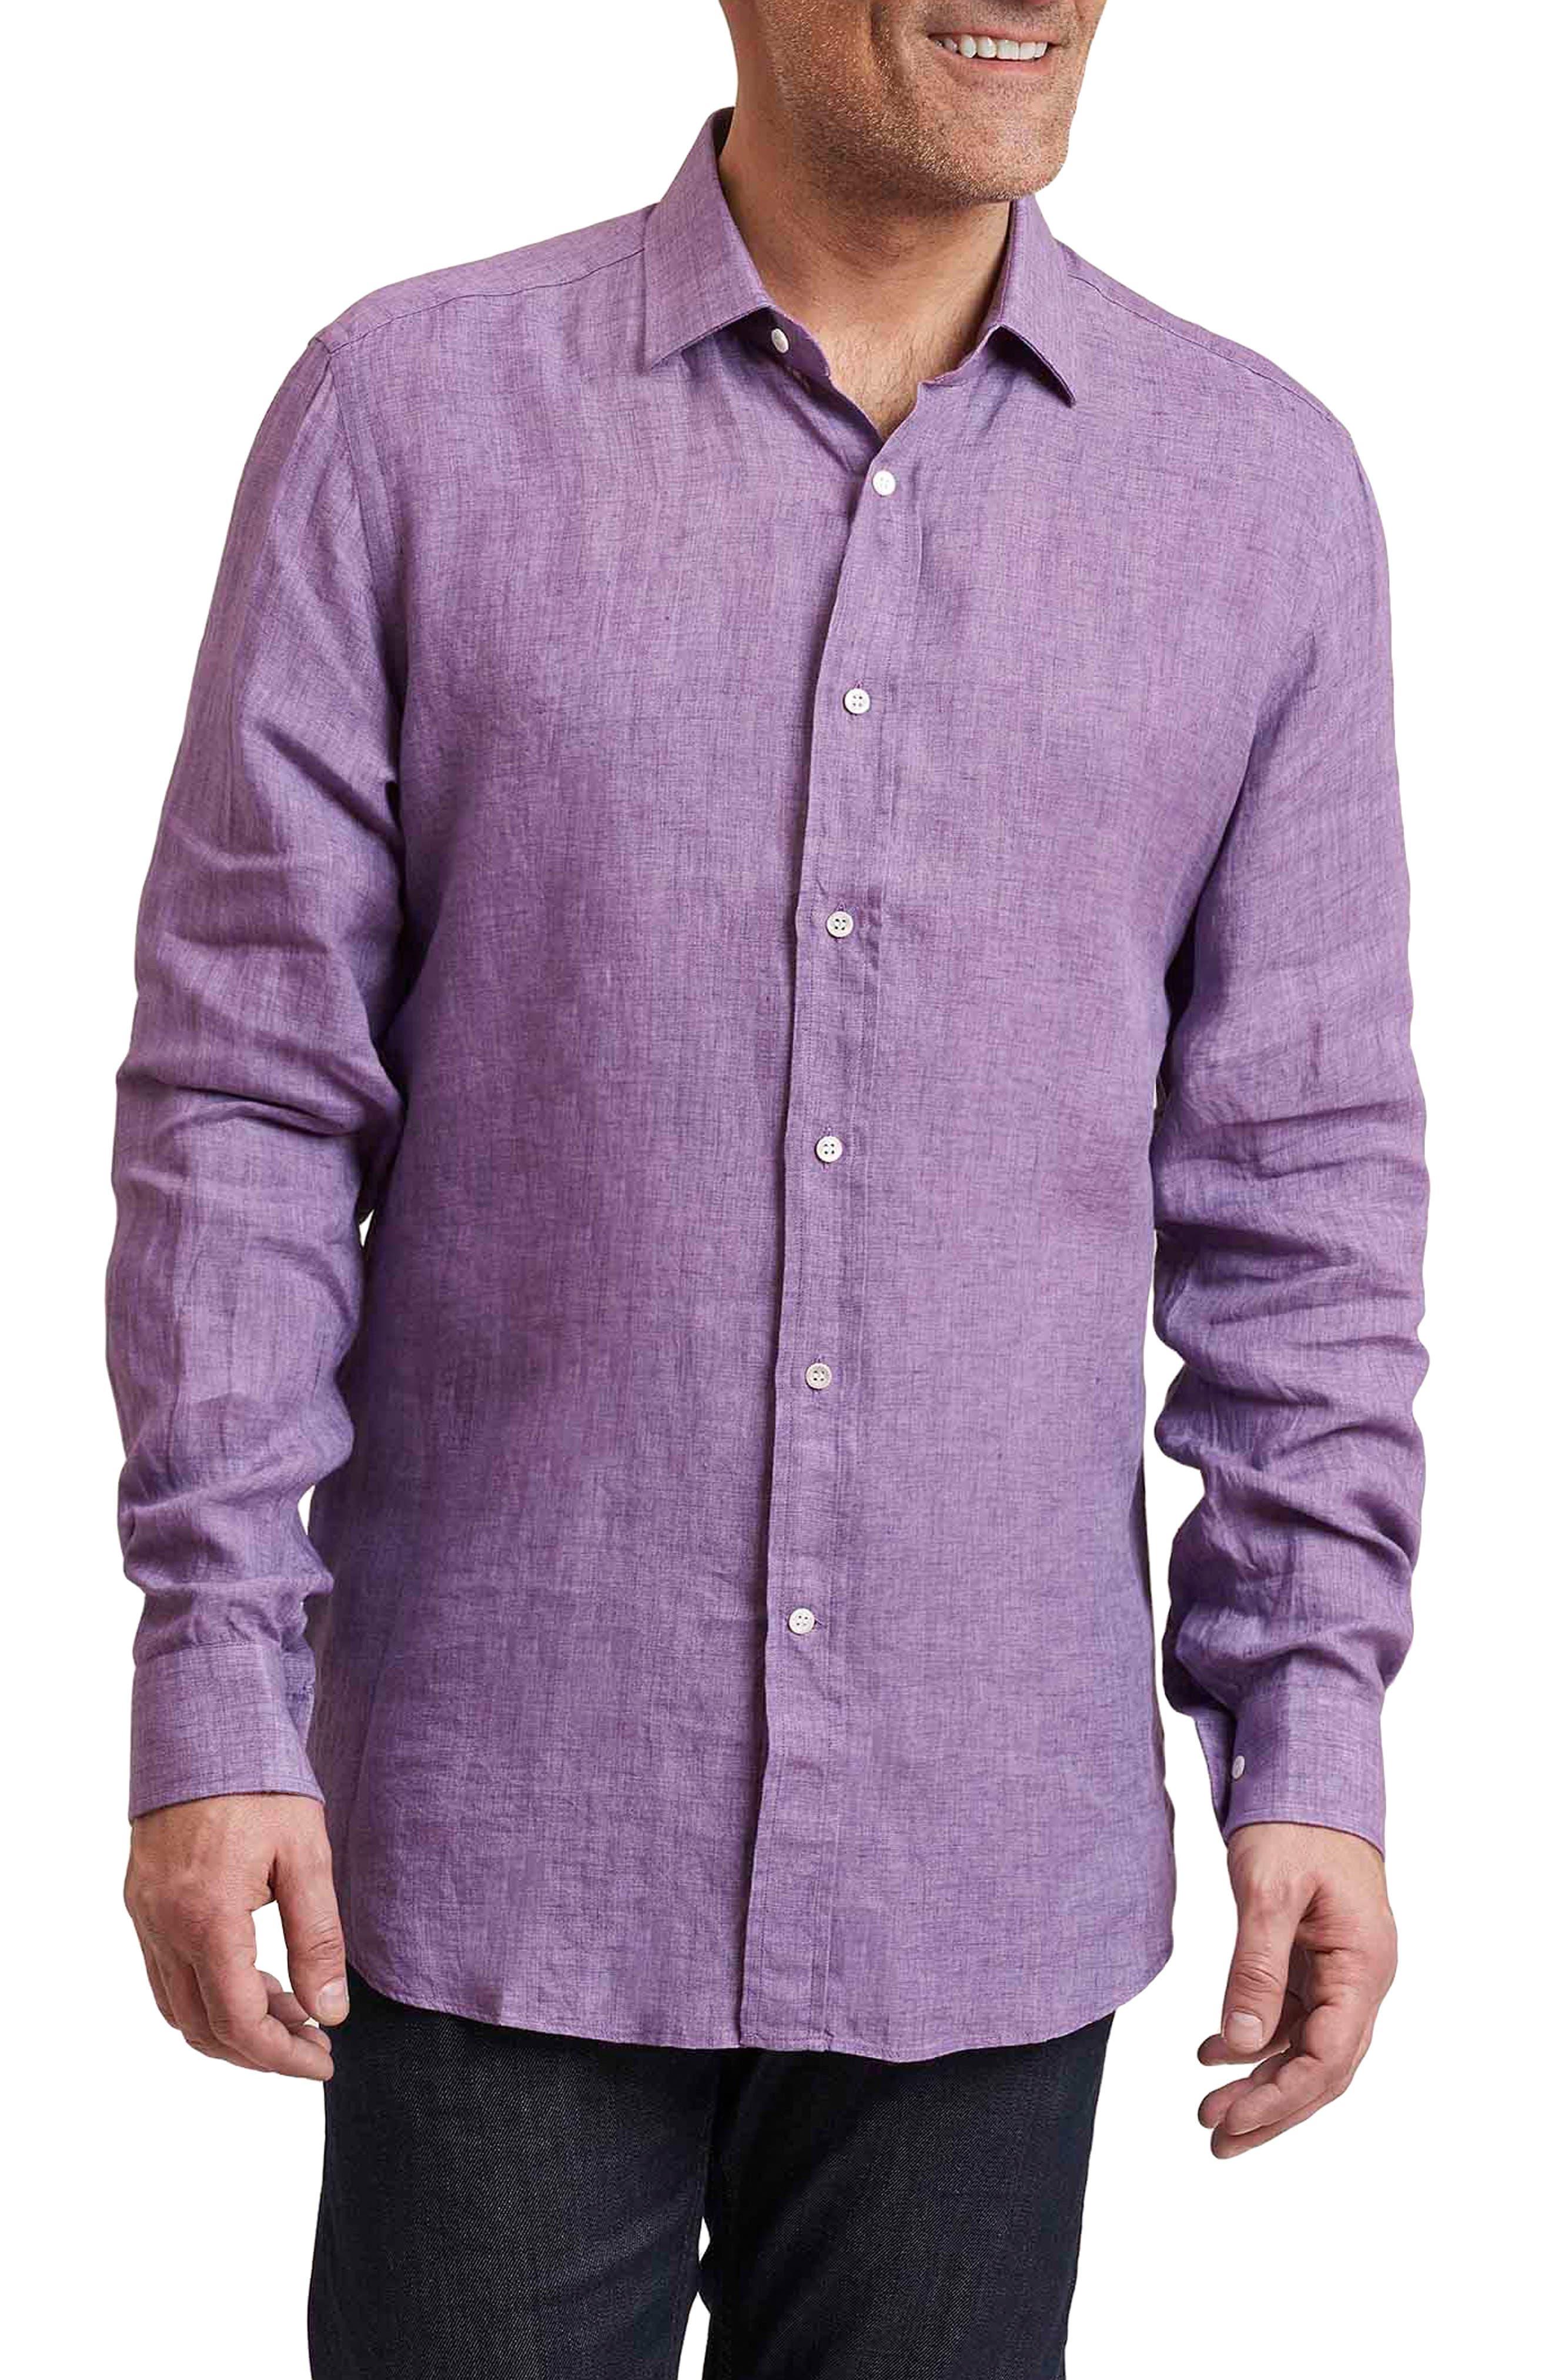 Delave Regular Fit Linen Sport Shirt,                             Main thumbnail 1, color,                             Purple